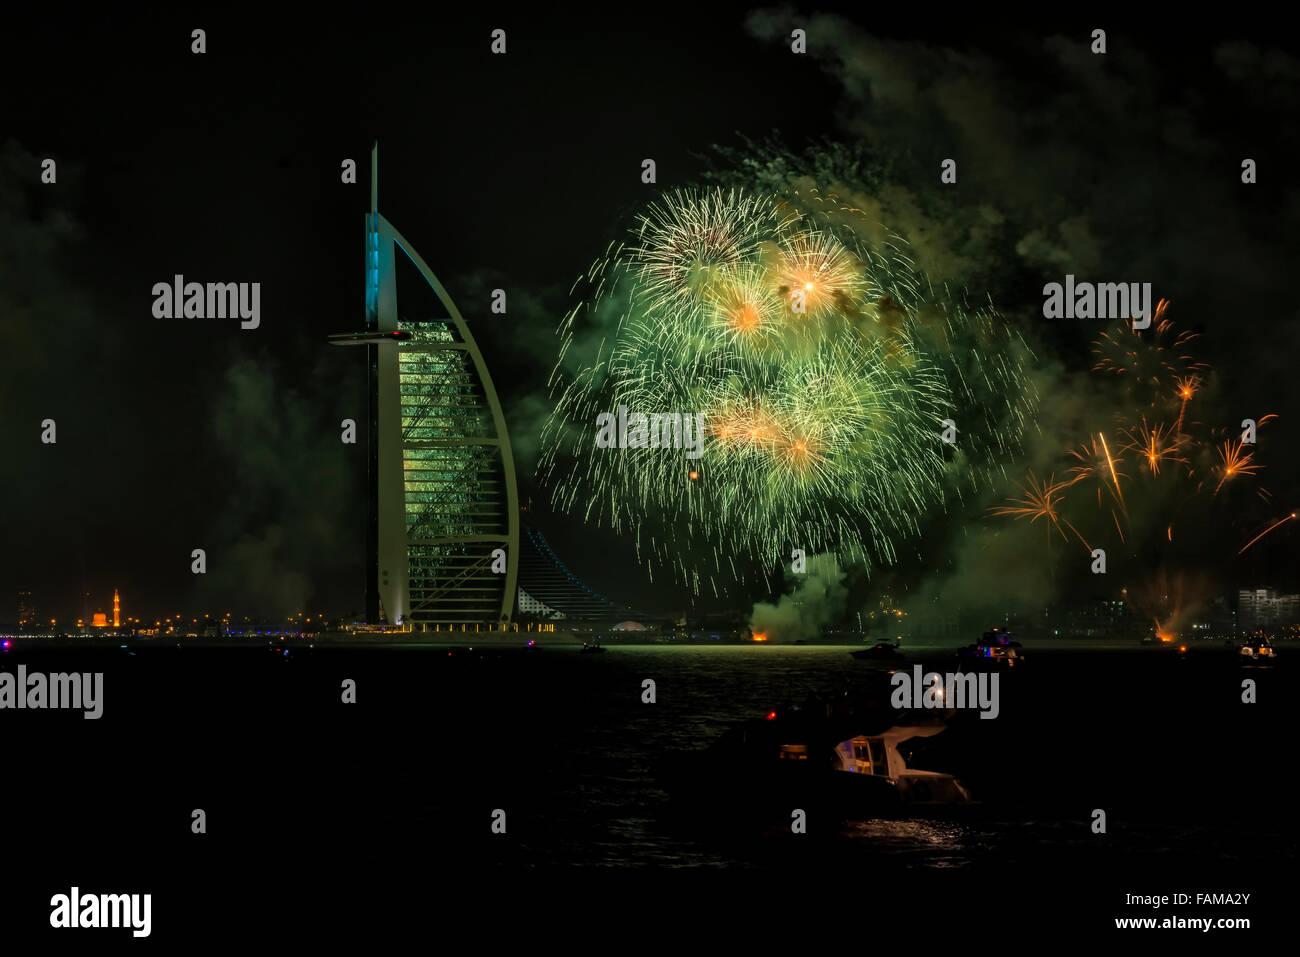 Silvester 2015 Feuerwerk in Dubai, Vereinigte Arabische Emirate Stockbild